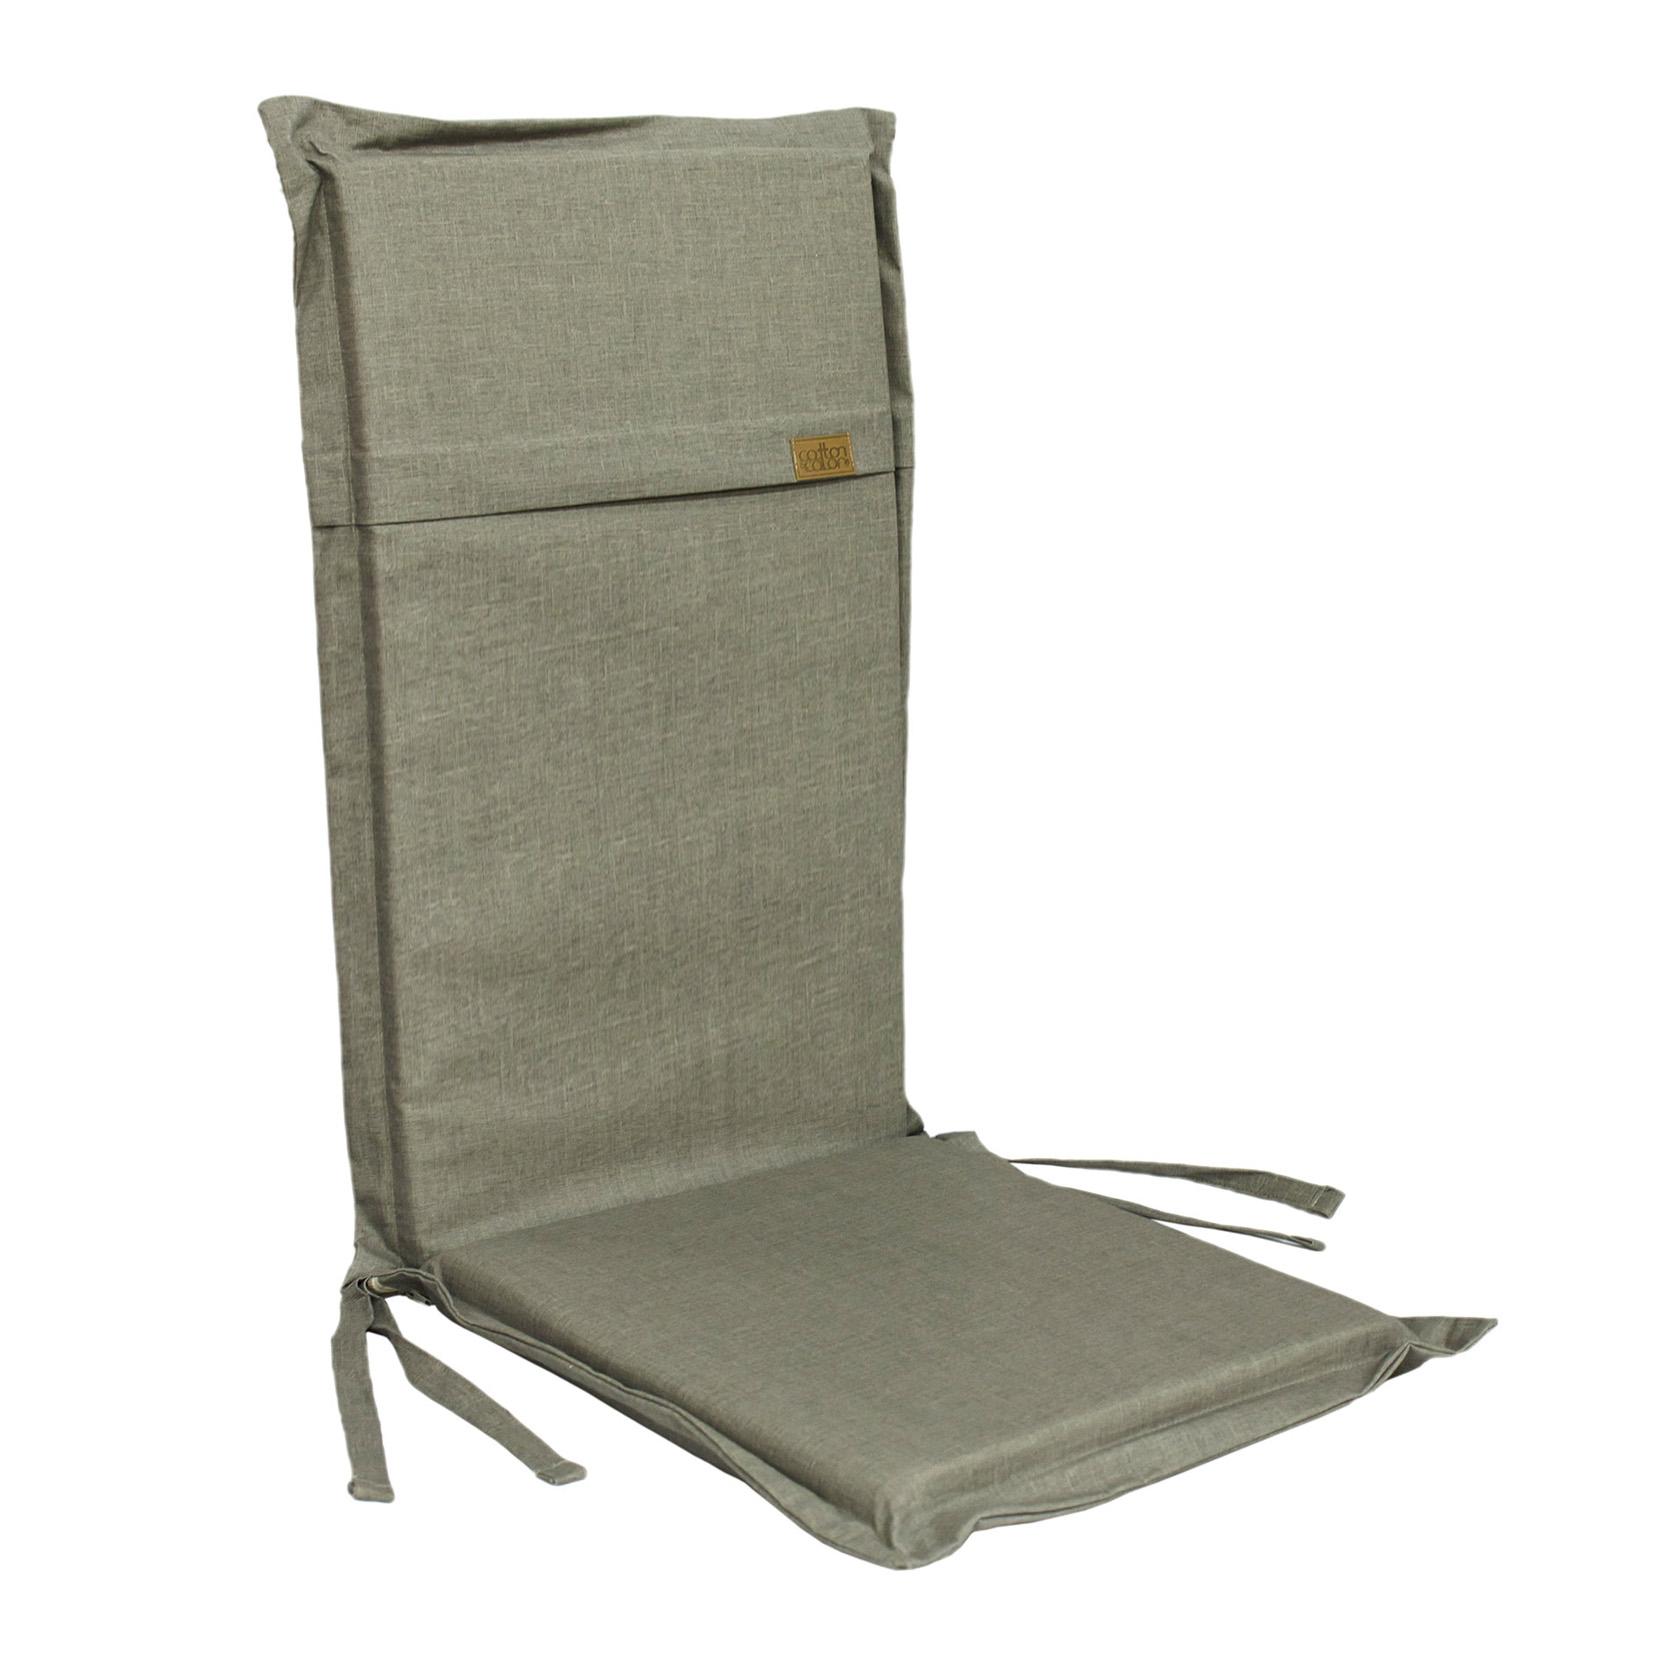 Подушка для кресла Morbiflex высокая спинка 125x52 (CSAR-R317-25) фото